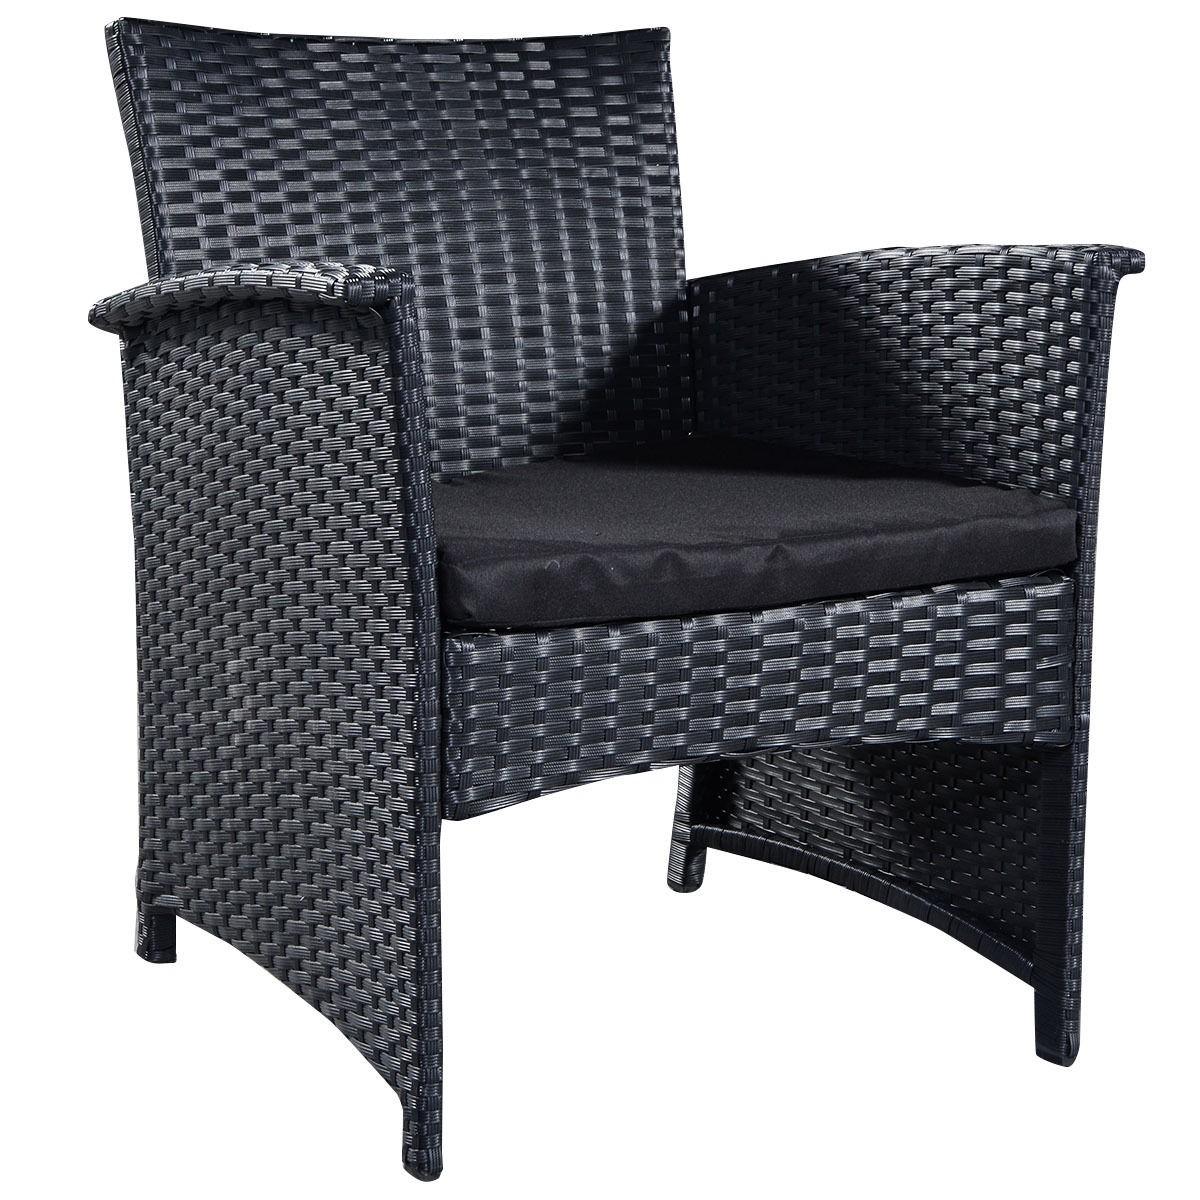 Black Wicker Furniture Outdoor